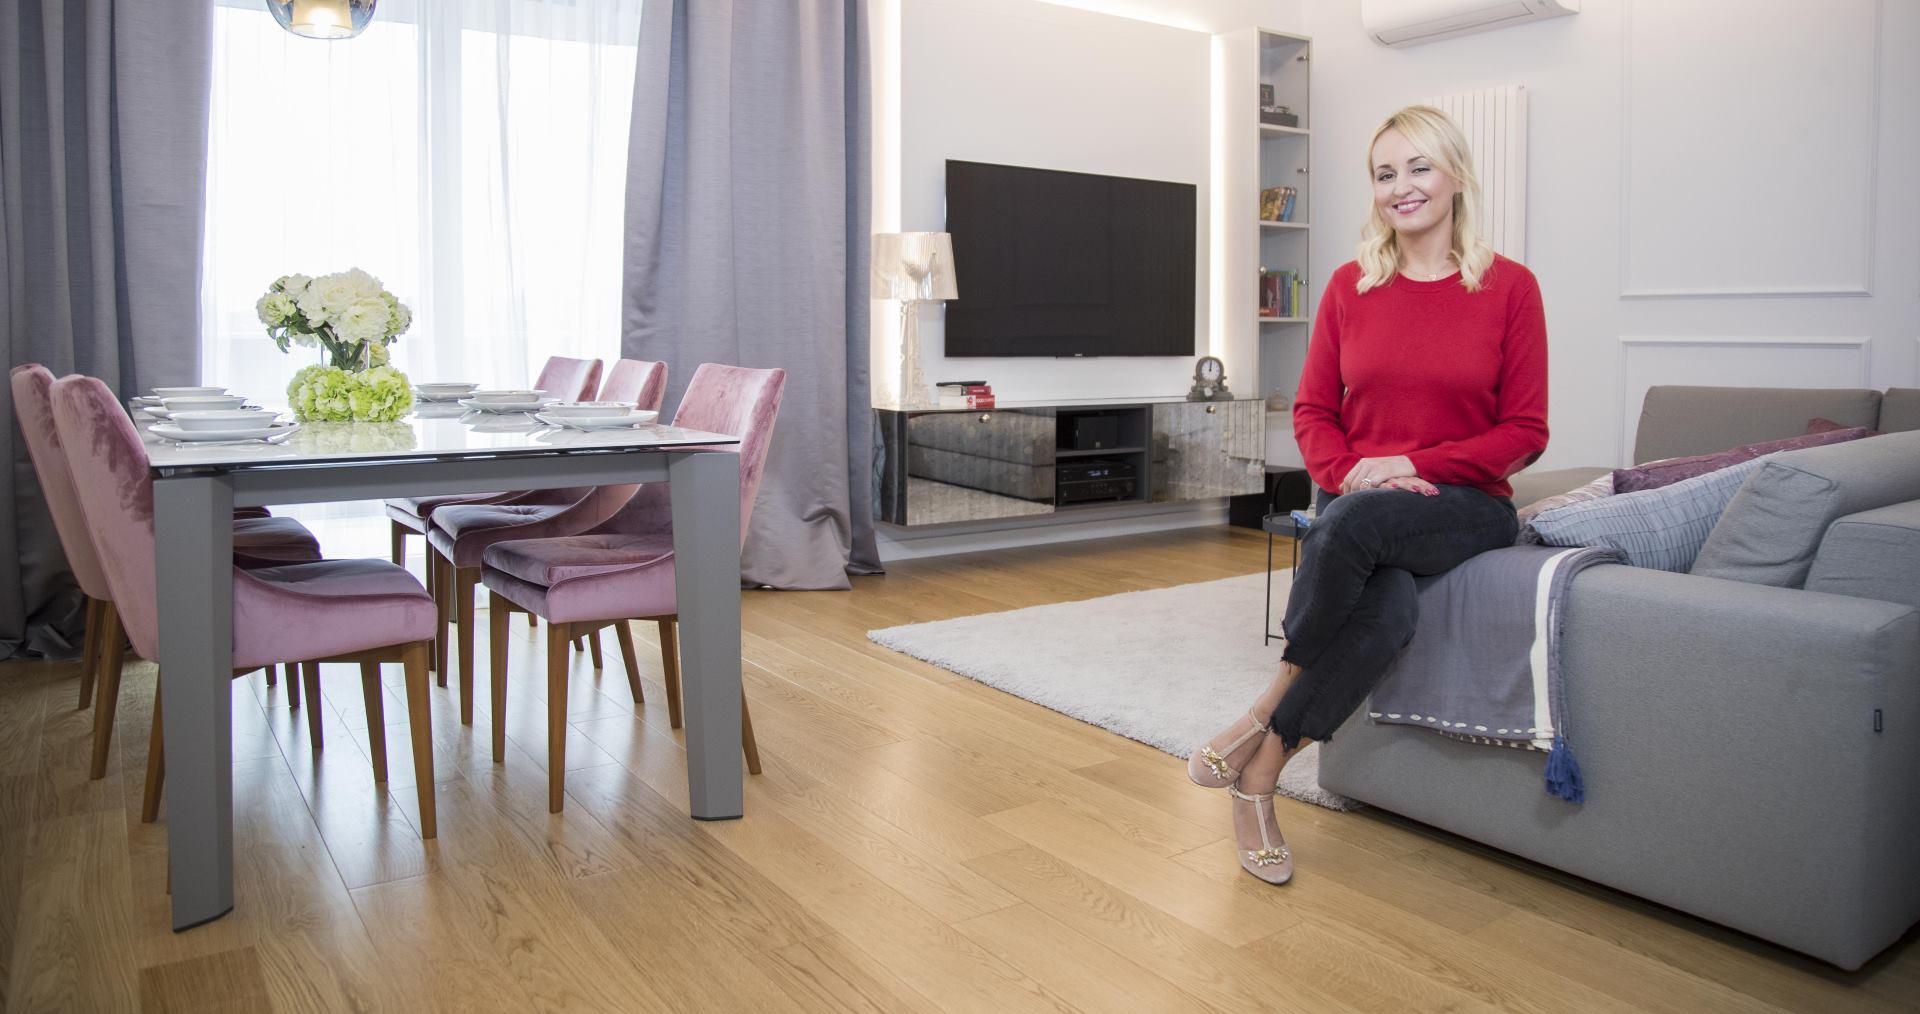 Stiže nova sezona s novim inspiracijama za uređenje doma